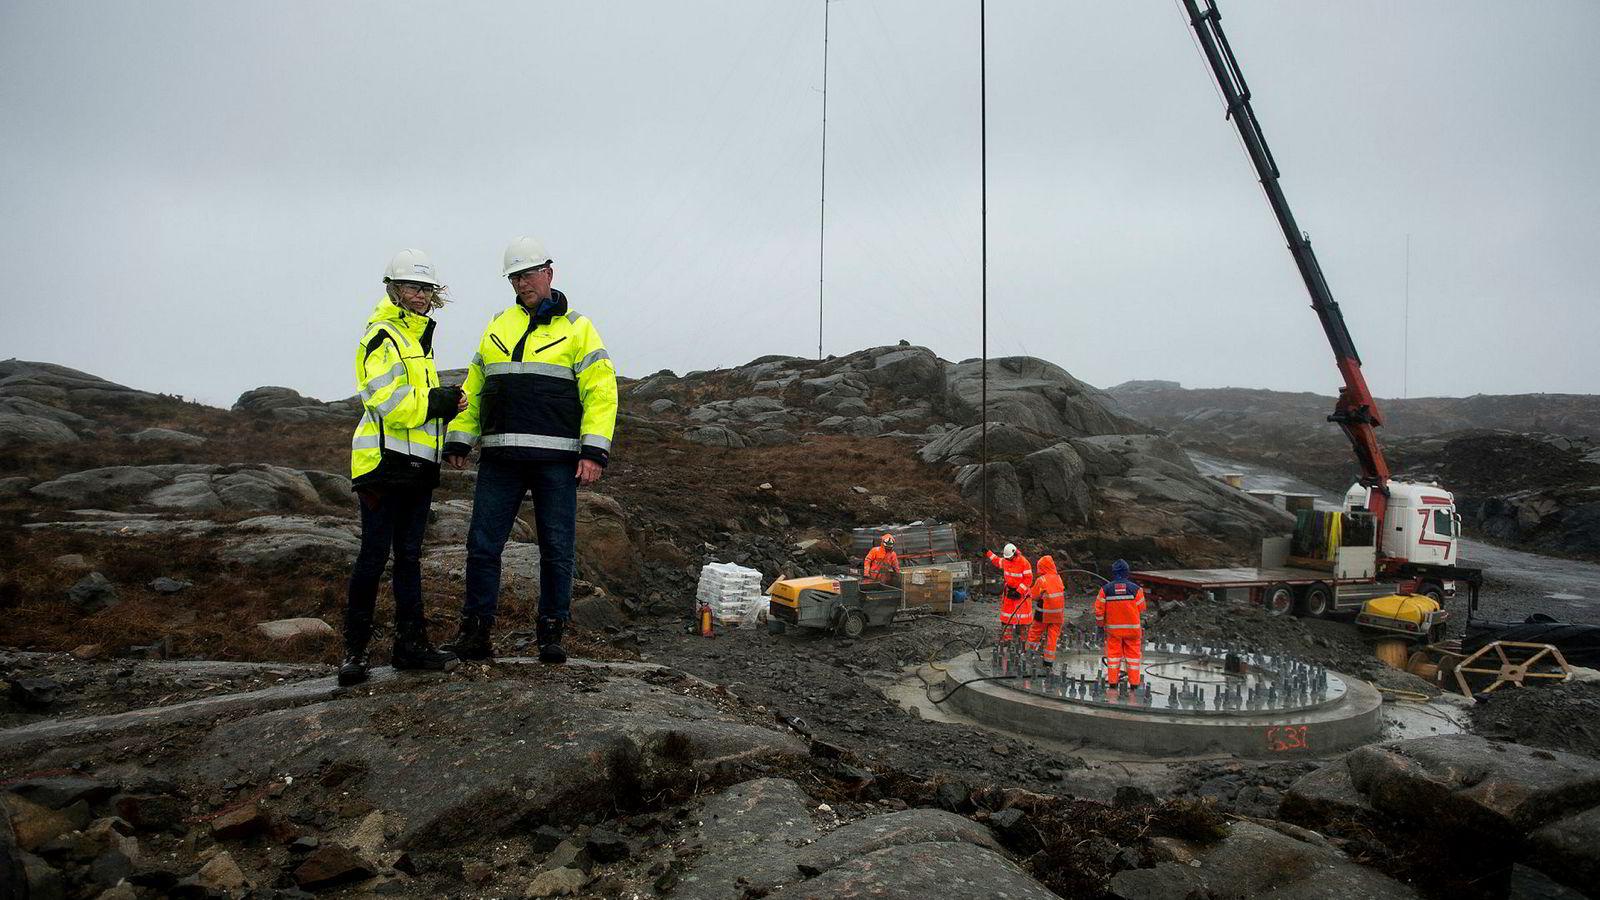 Egersund Vindpark er et av de nye vindkraftanleggene i Rogaland. Bildet er tatt under byggefasen i 2017, med daværende medeier Siri Kalvig og driftsleder Torfinn Tuen fra Norsk Vind Energi oppe på haugen.